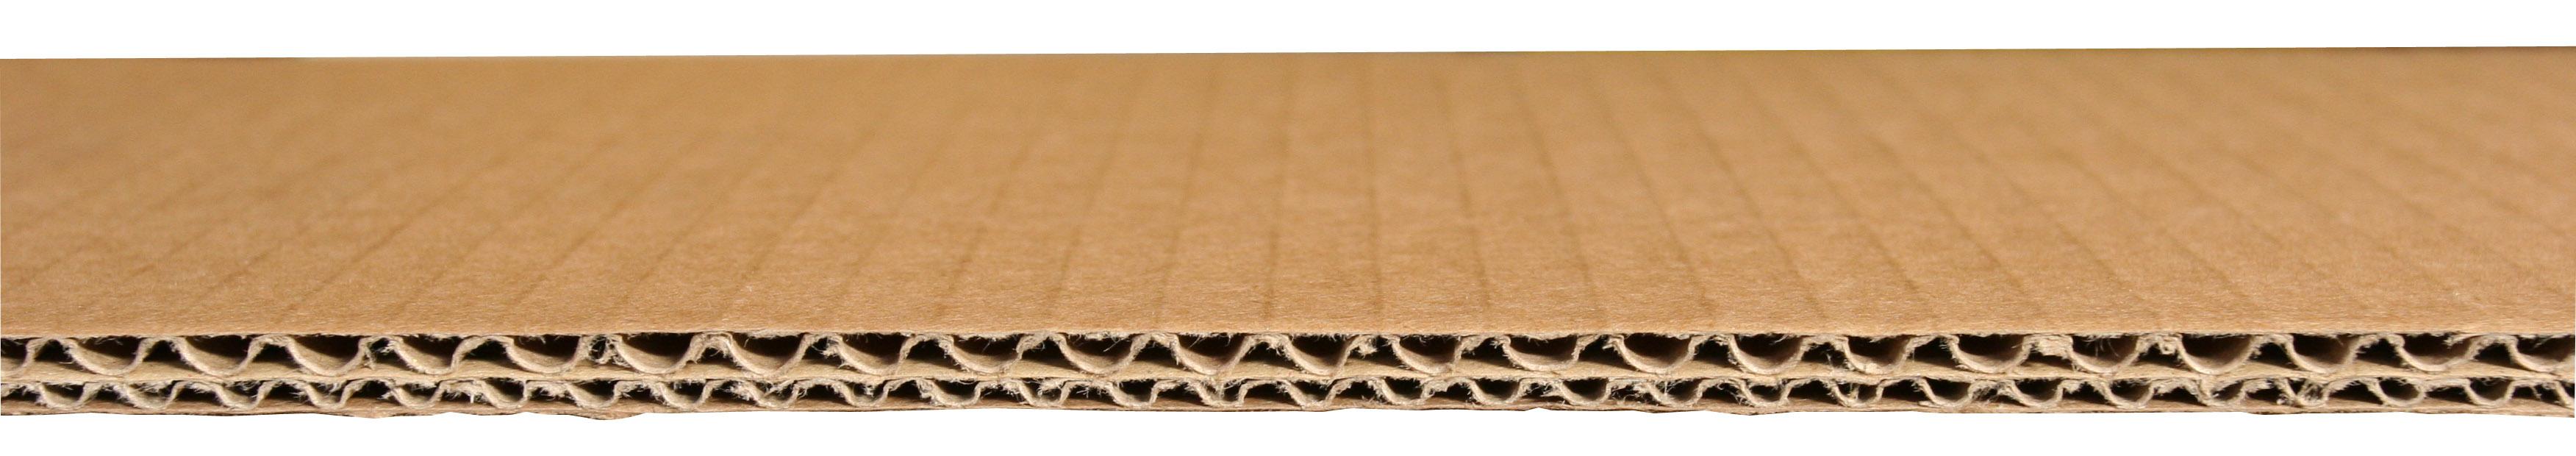 Cajas cart n papel controlpack for Cajas de carton madrid